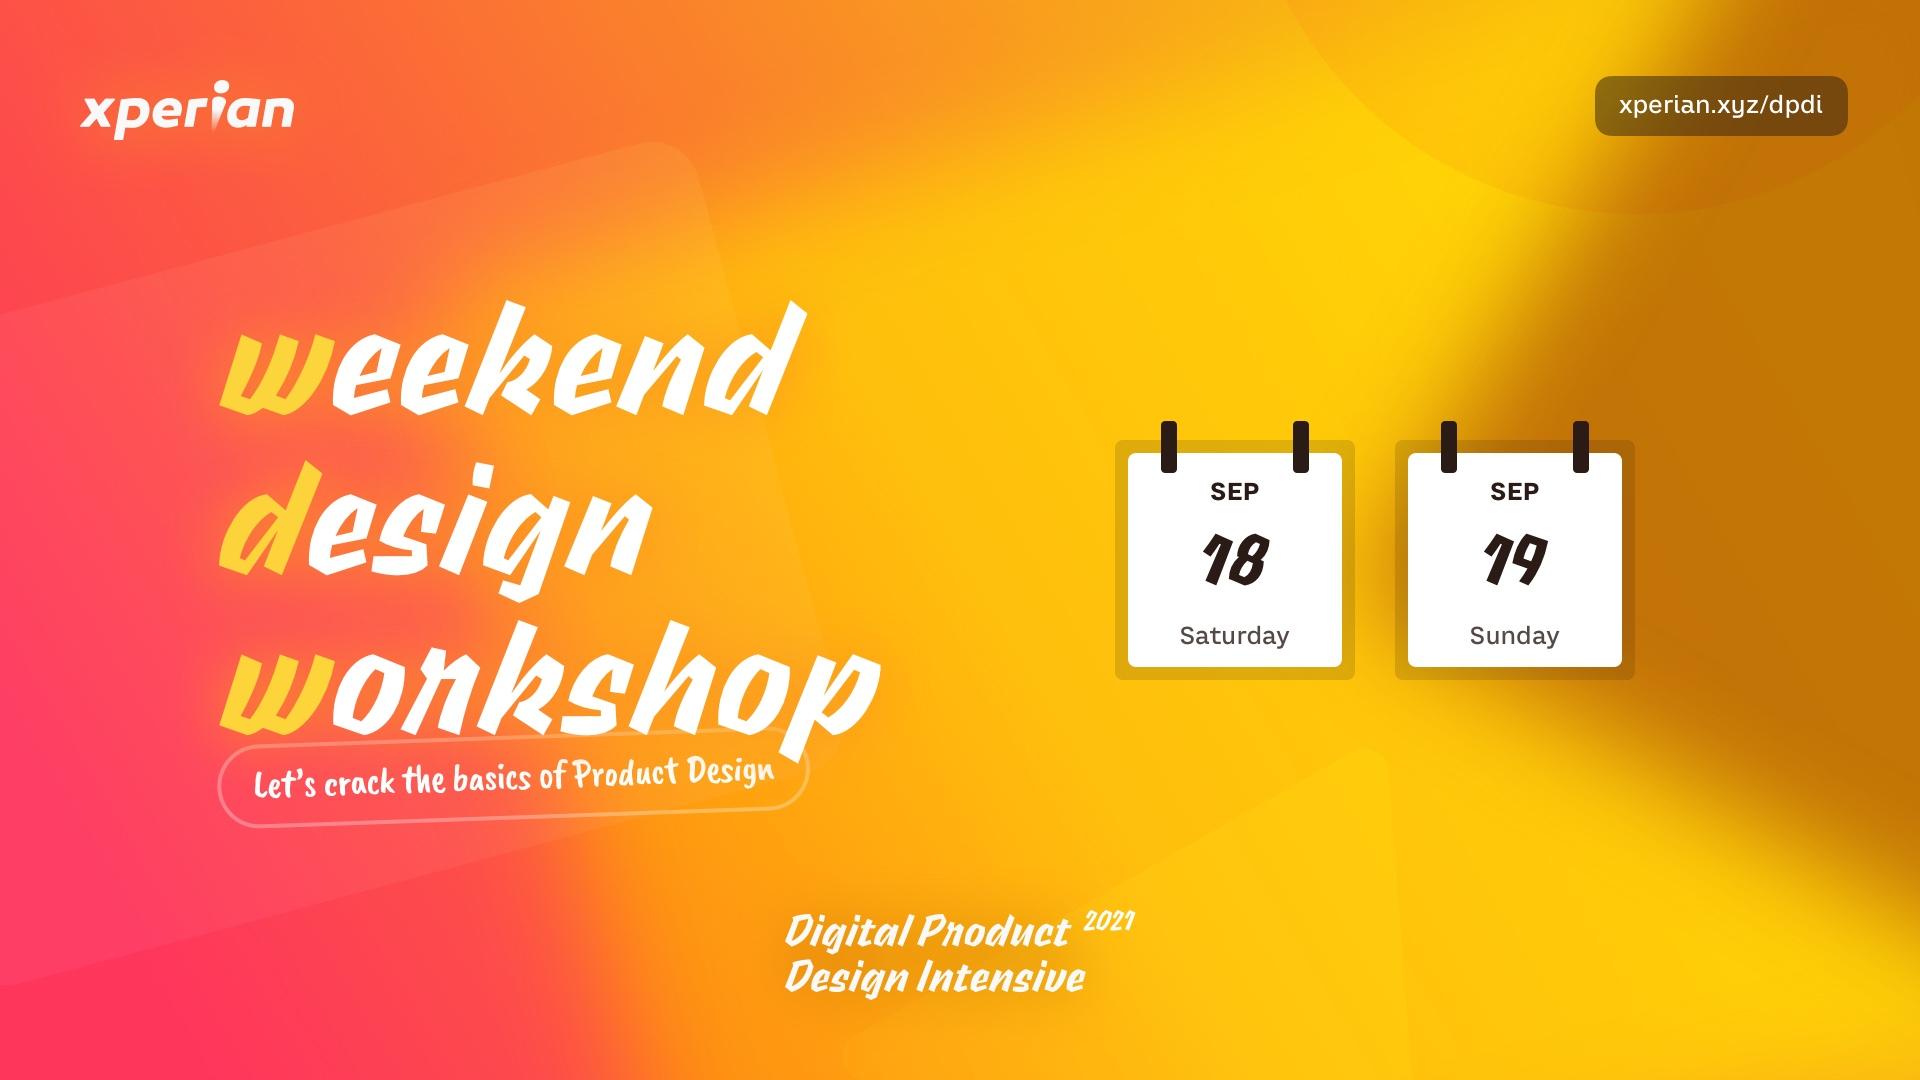 Weekend Design Workshop graphic